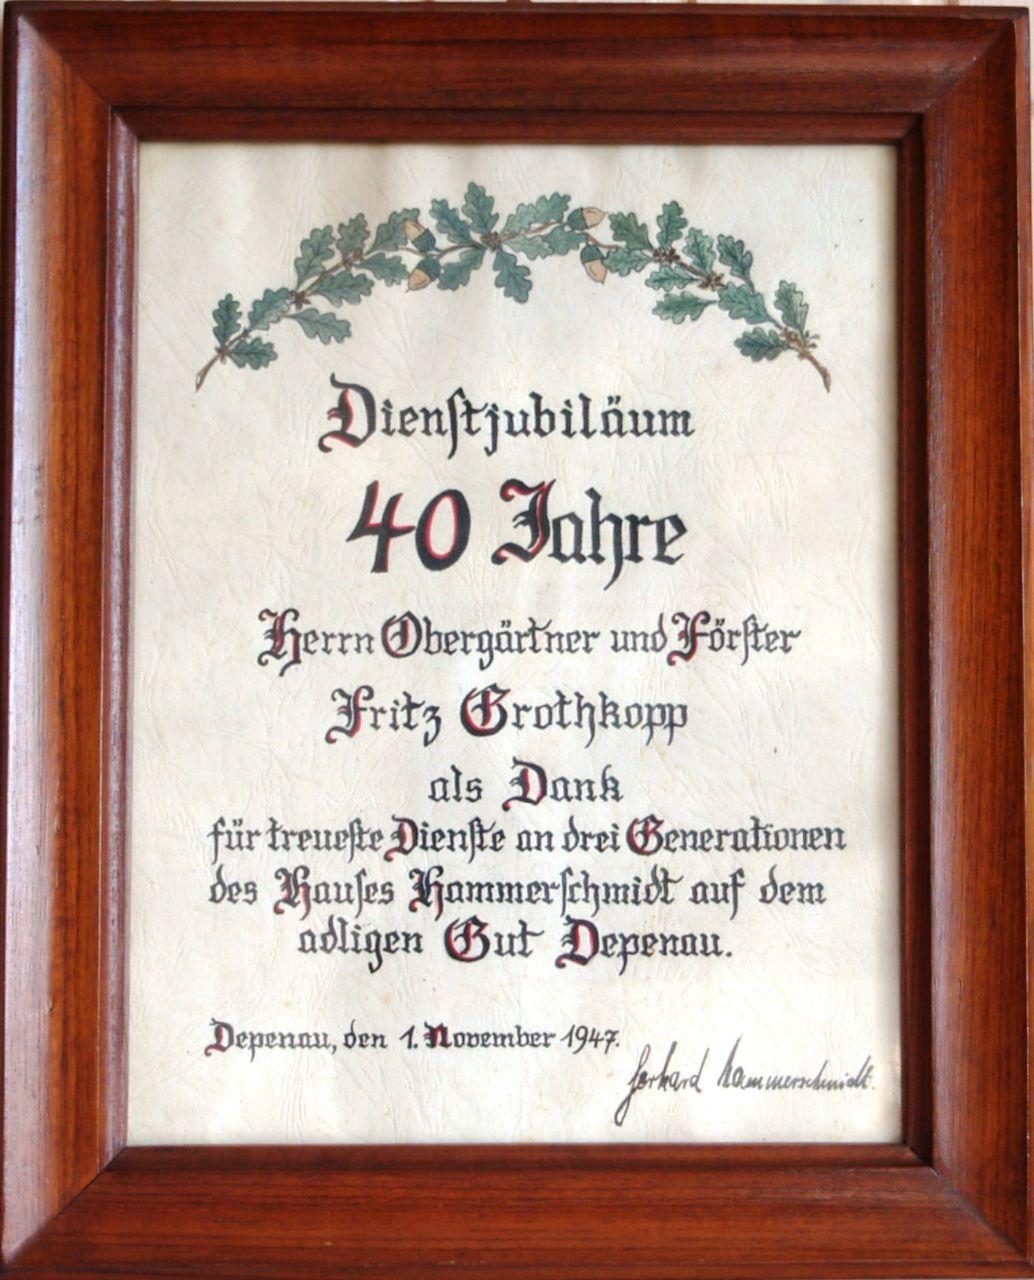 Einladung 40 Jähriges Dienstjubiläum – biblesuite.co